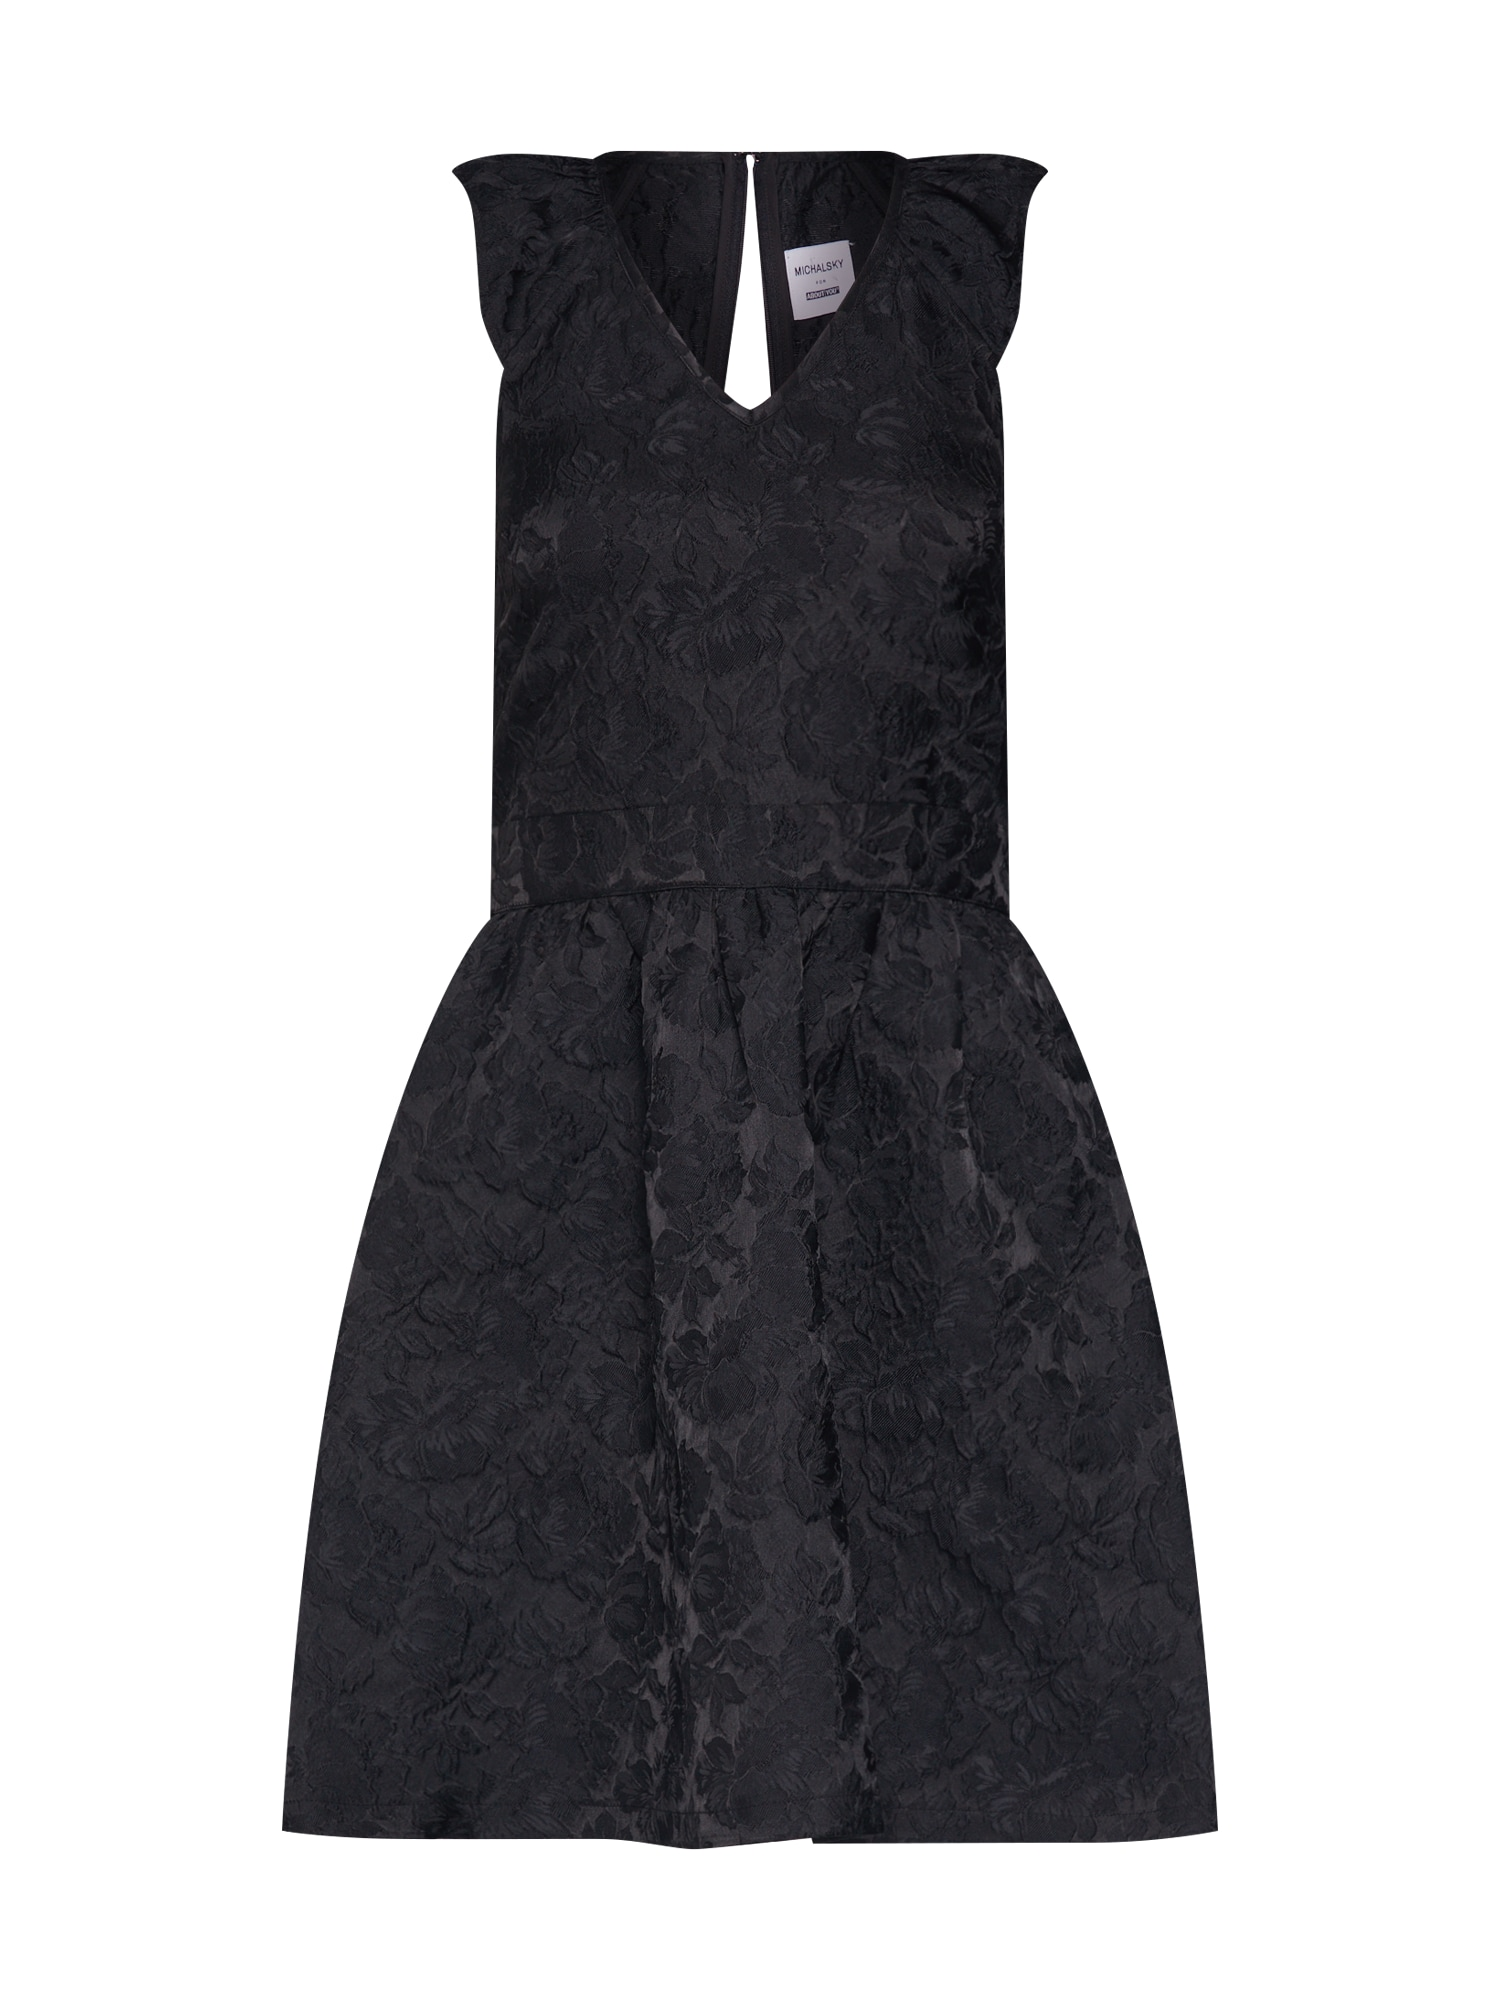 Šaty Fenja černá MICHALSKY FOR ABOUT YOU